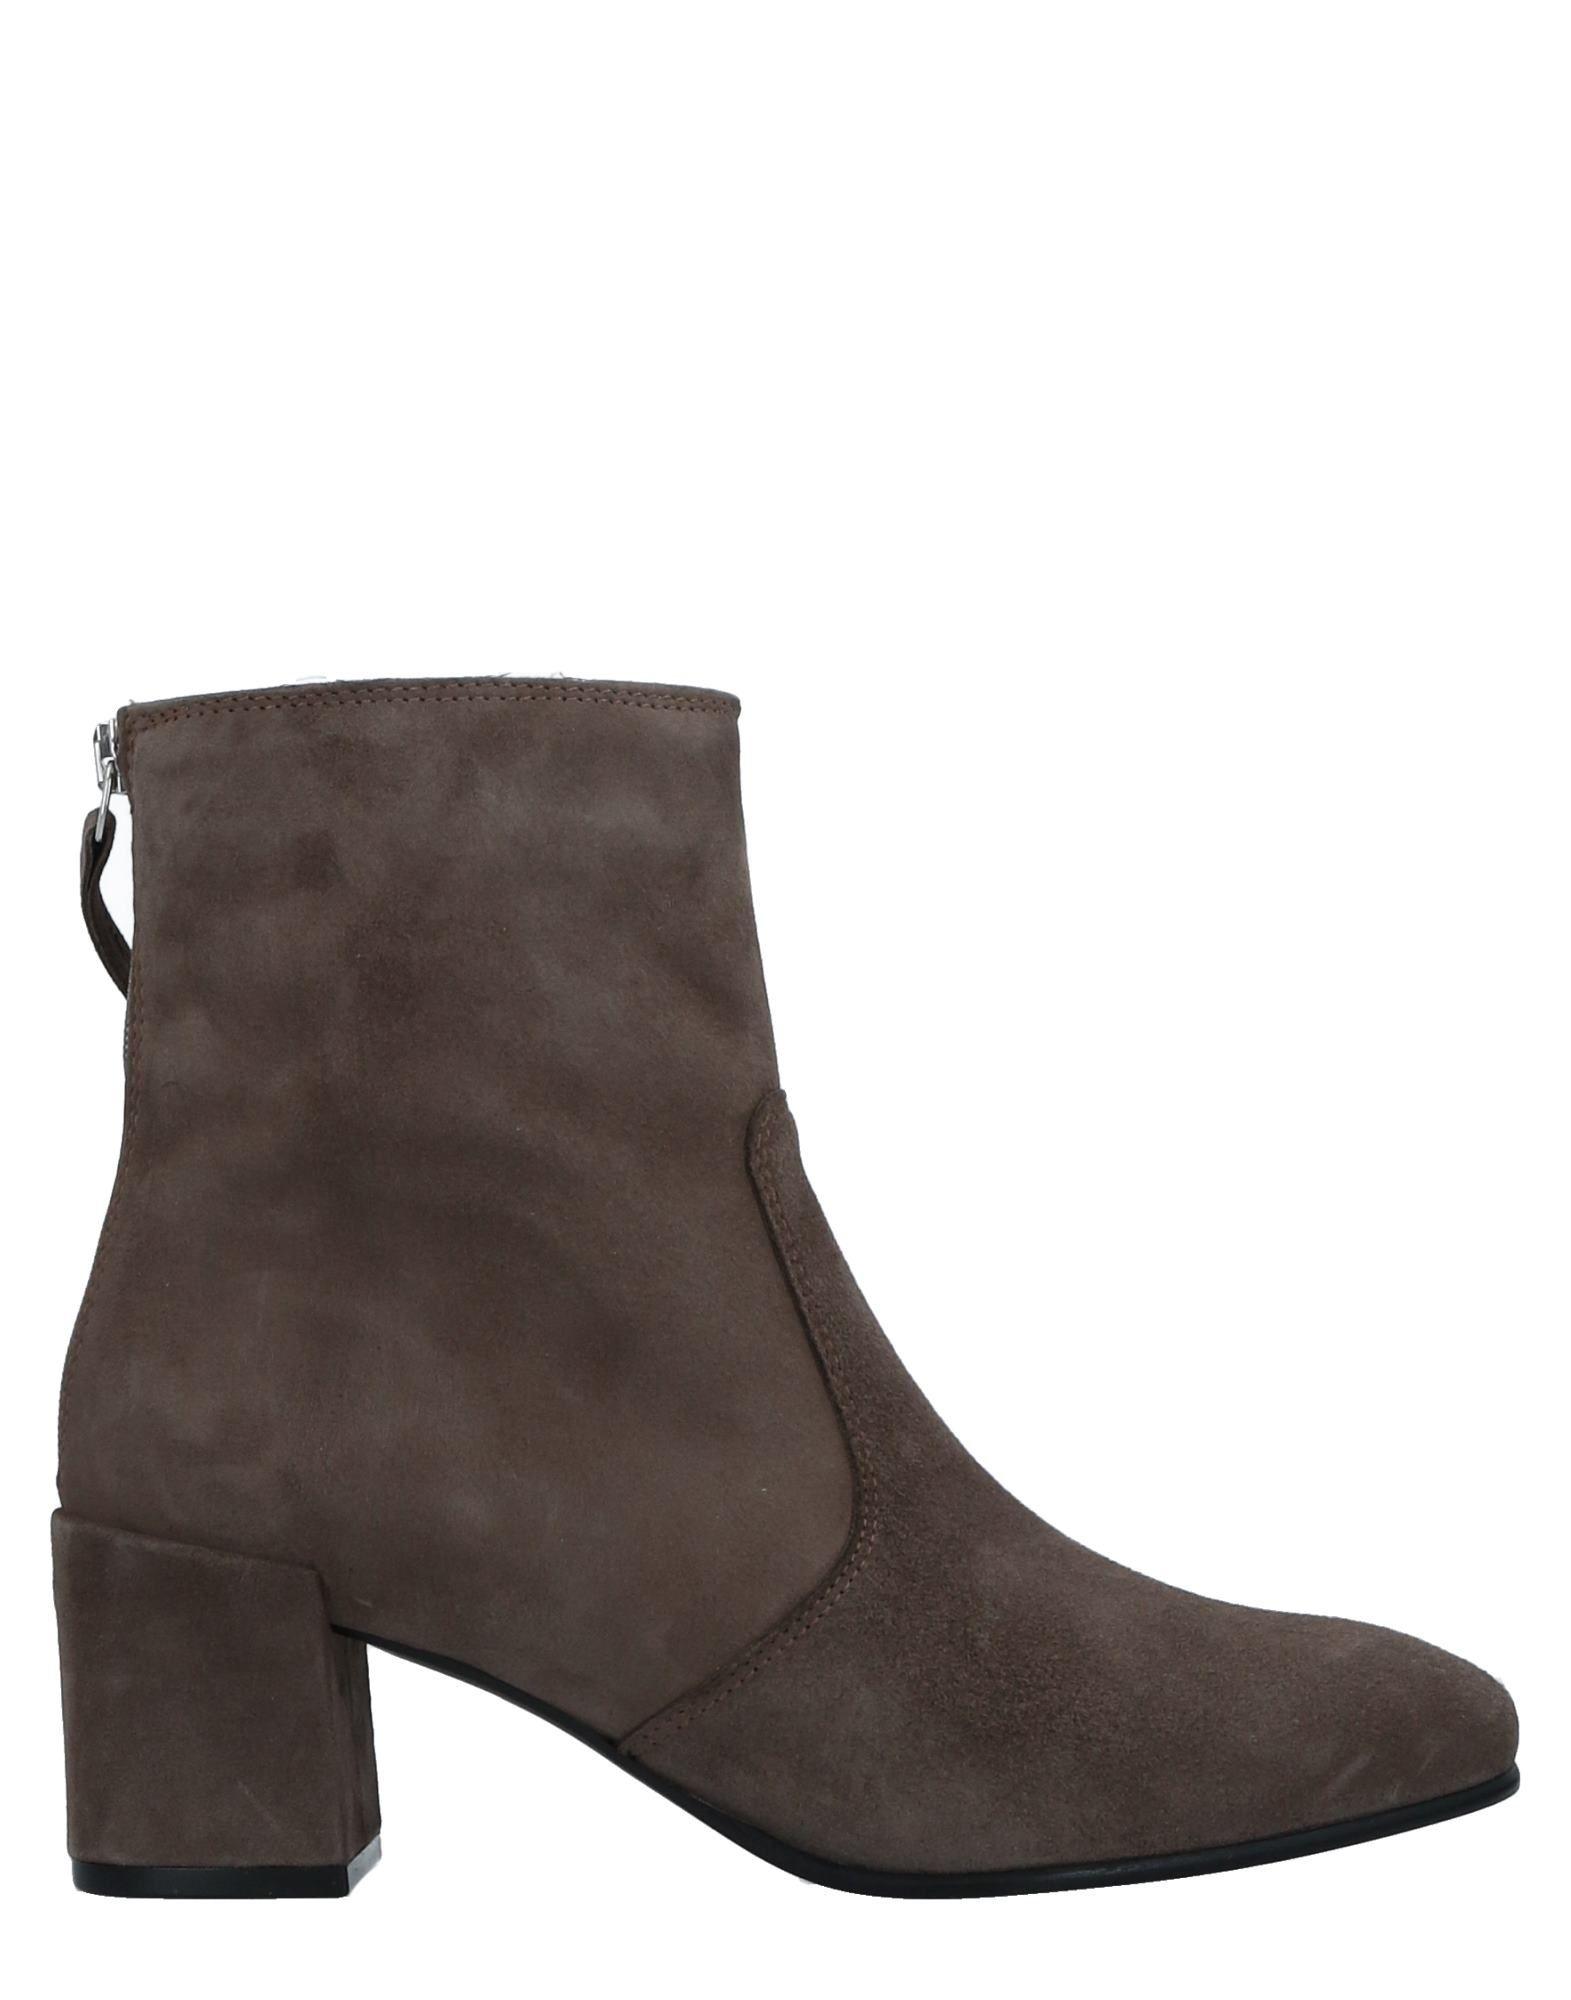 Gianni Gregori® Stiefelette Damen  11513891QG Gute Qualität beliebte Schuhe